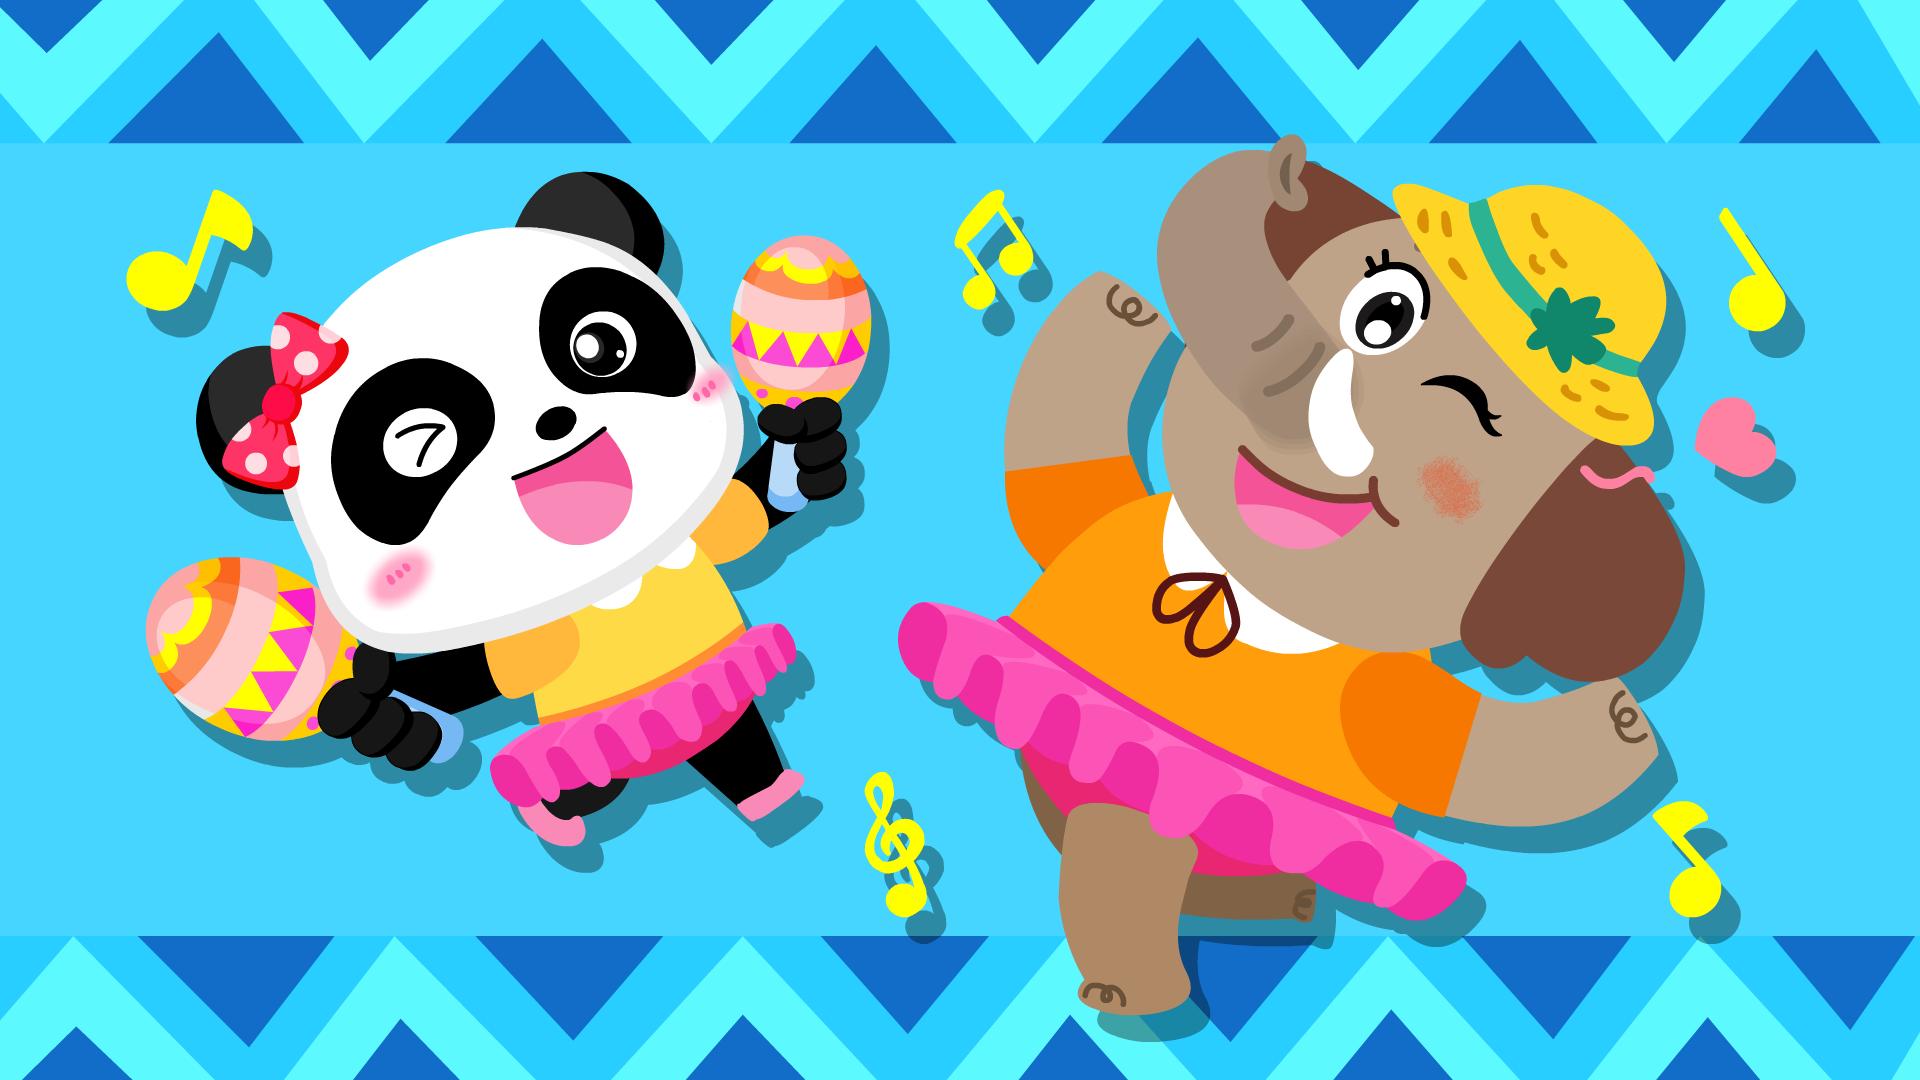 宝宝巴士之动物世界动画看小朋友跟大象一起跳舞,太逗了!